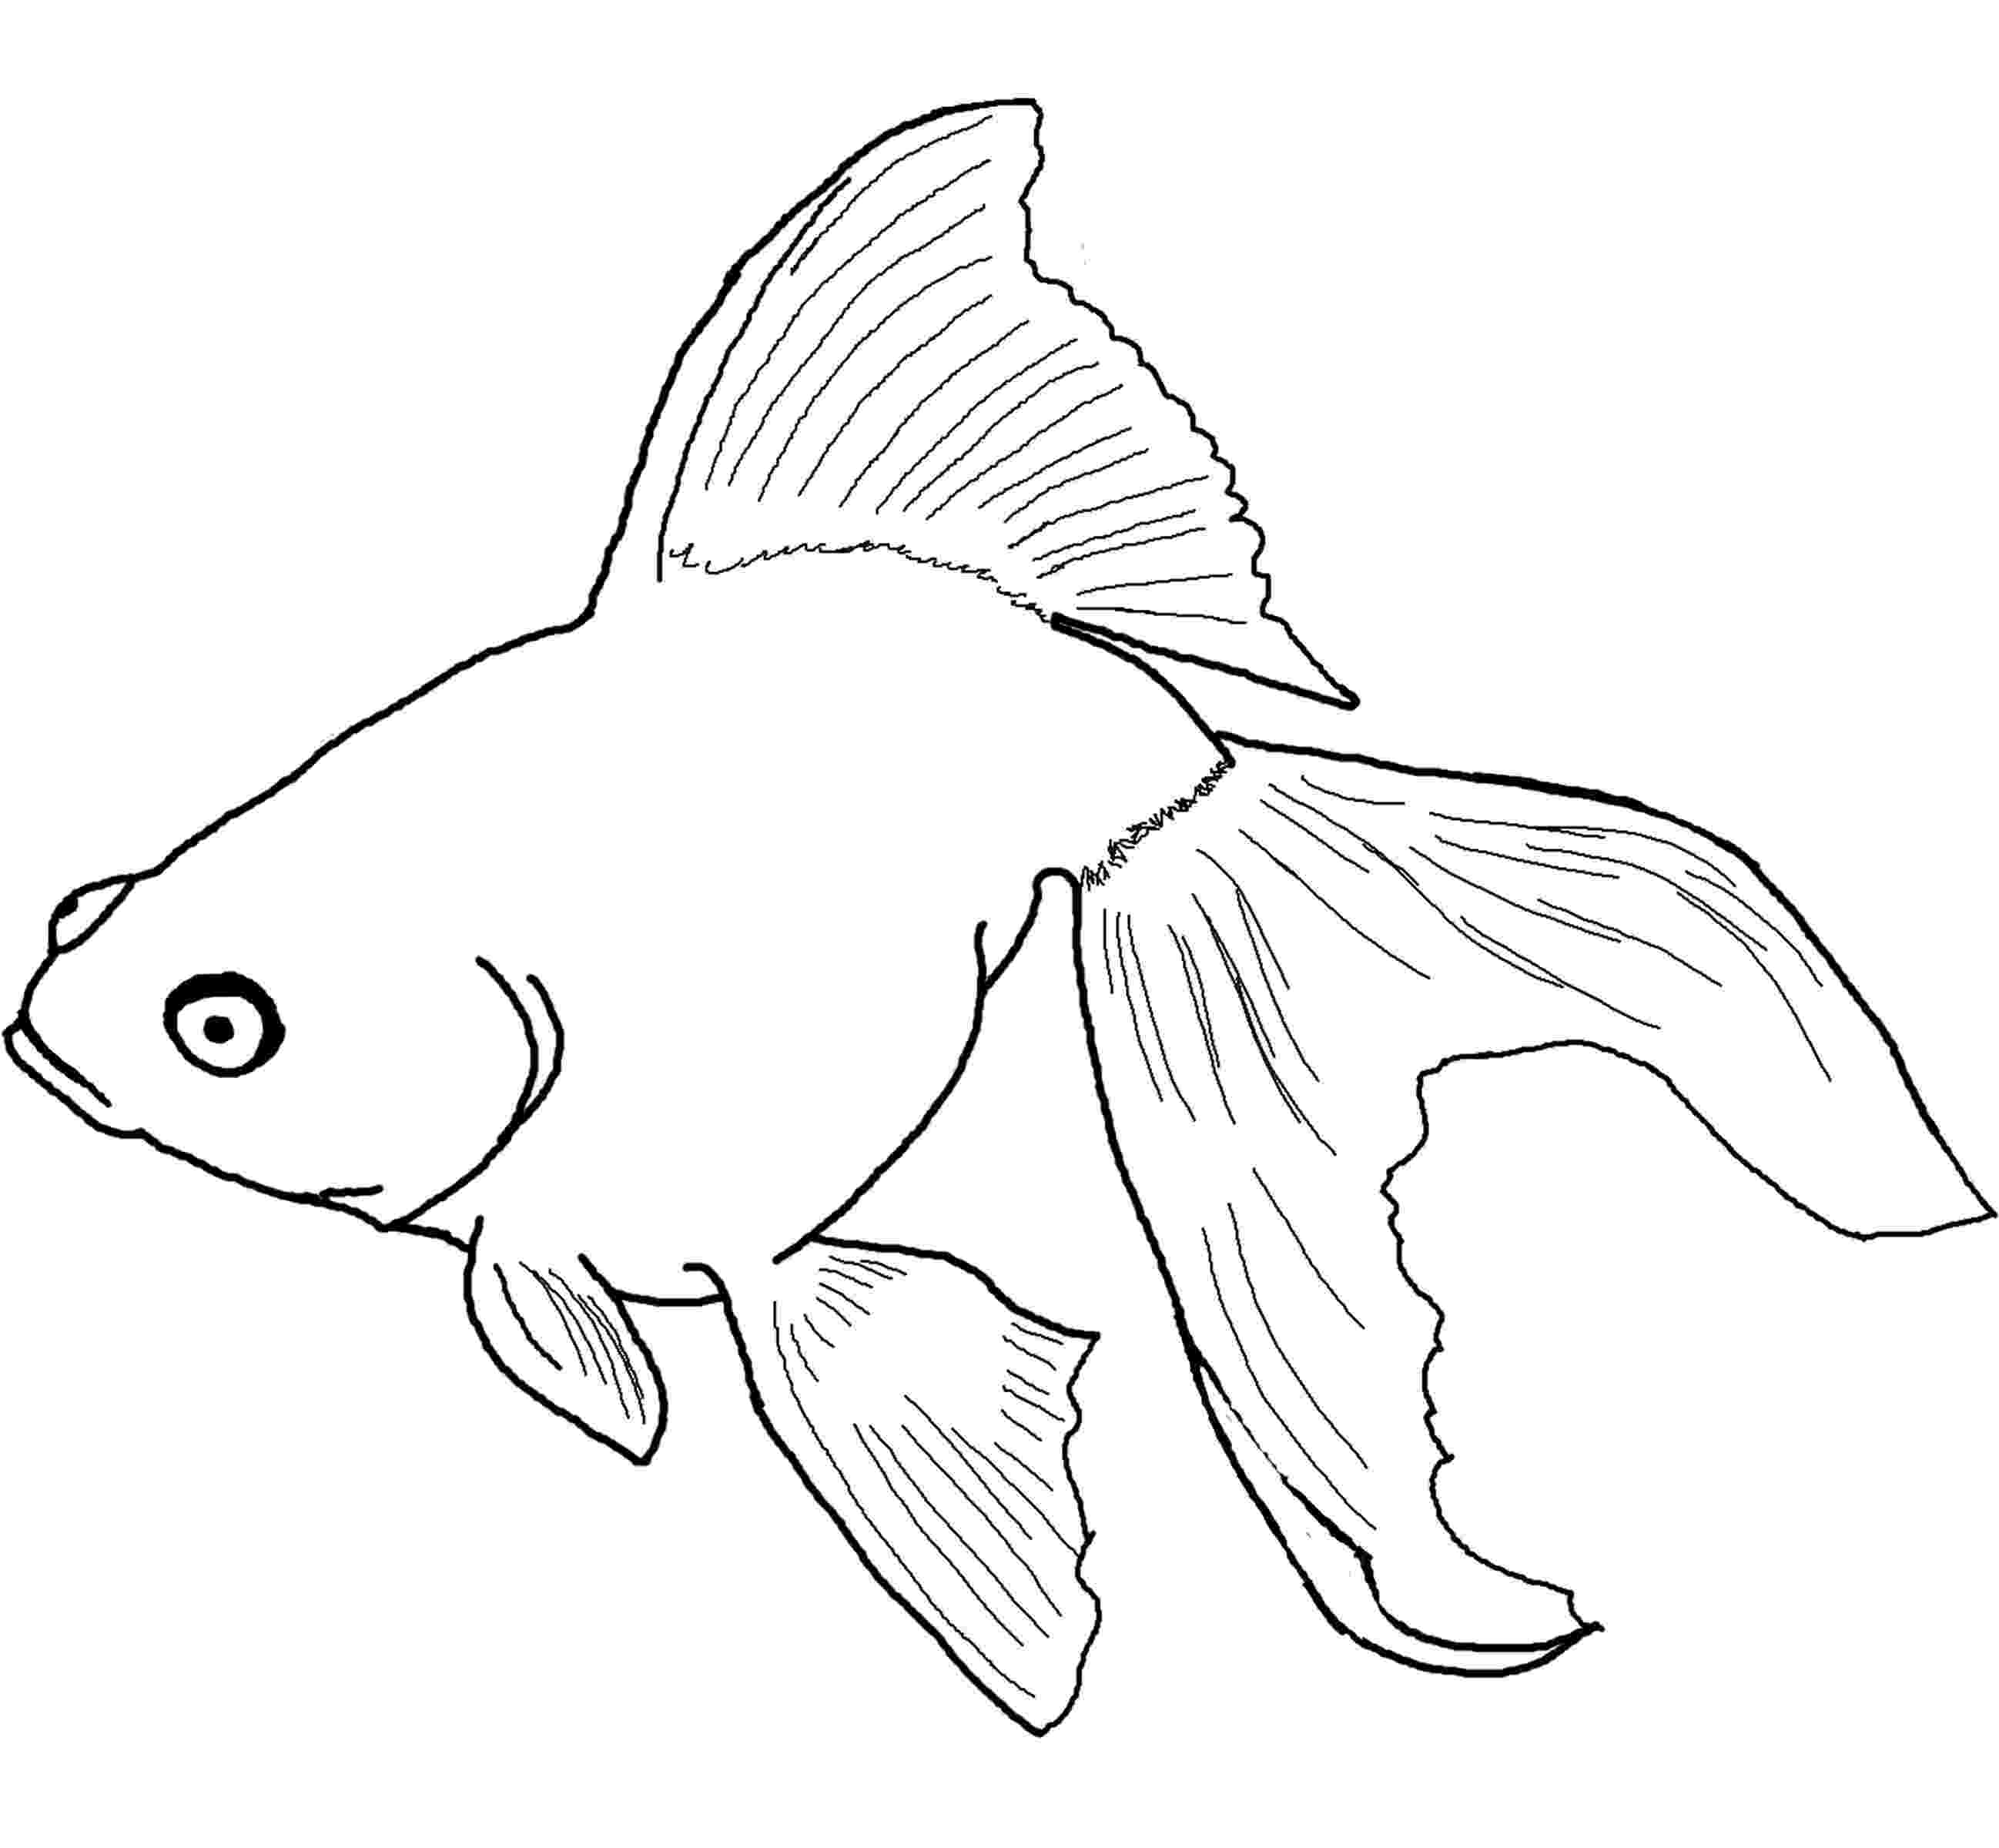 goldfish coloring page free printable goldfish coloring pages for kids coloring goldfish page